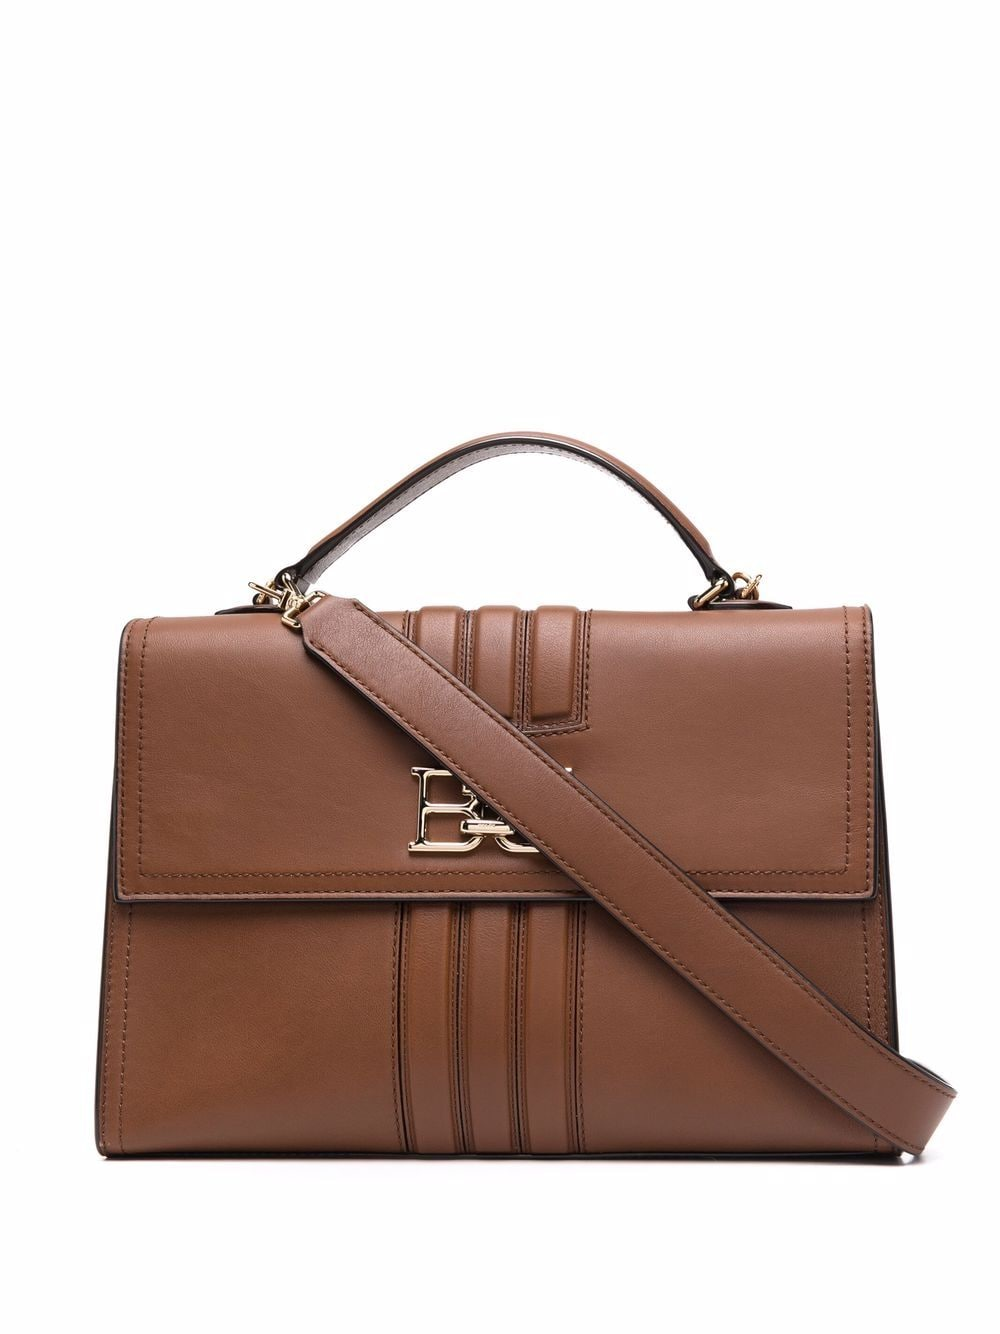 Bally Klassische Handtasche - Braun